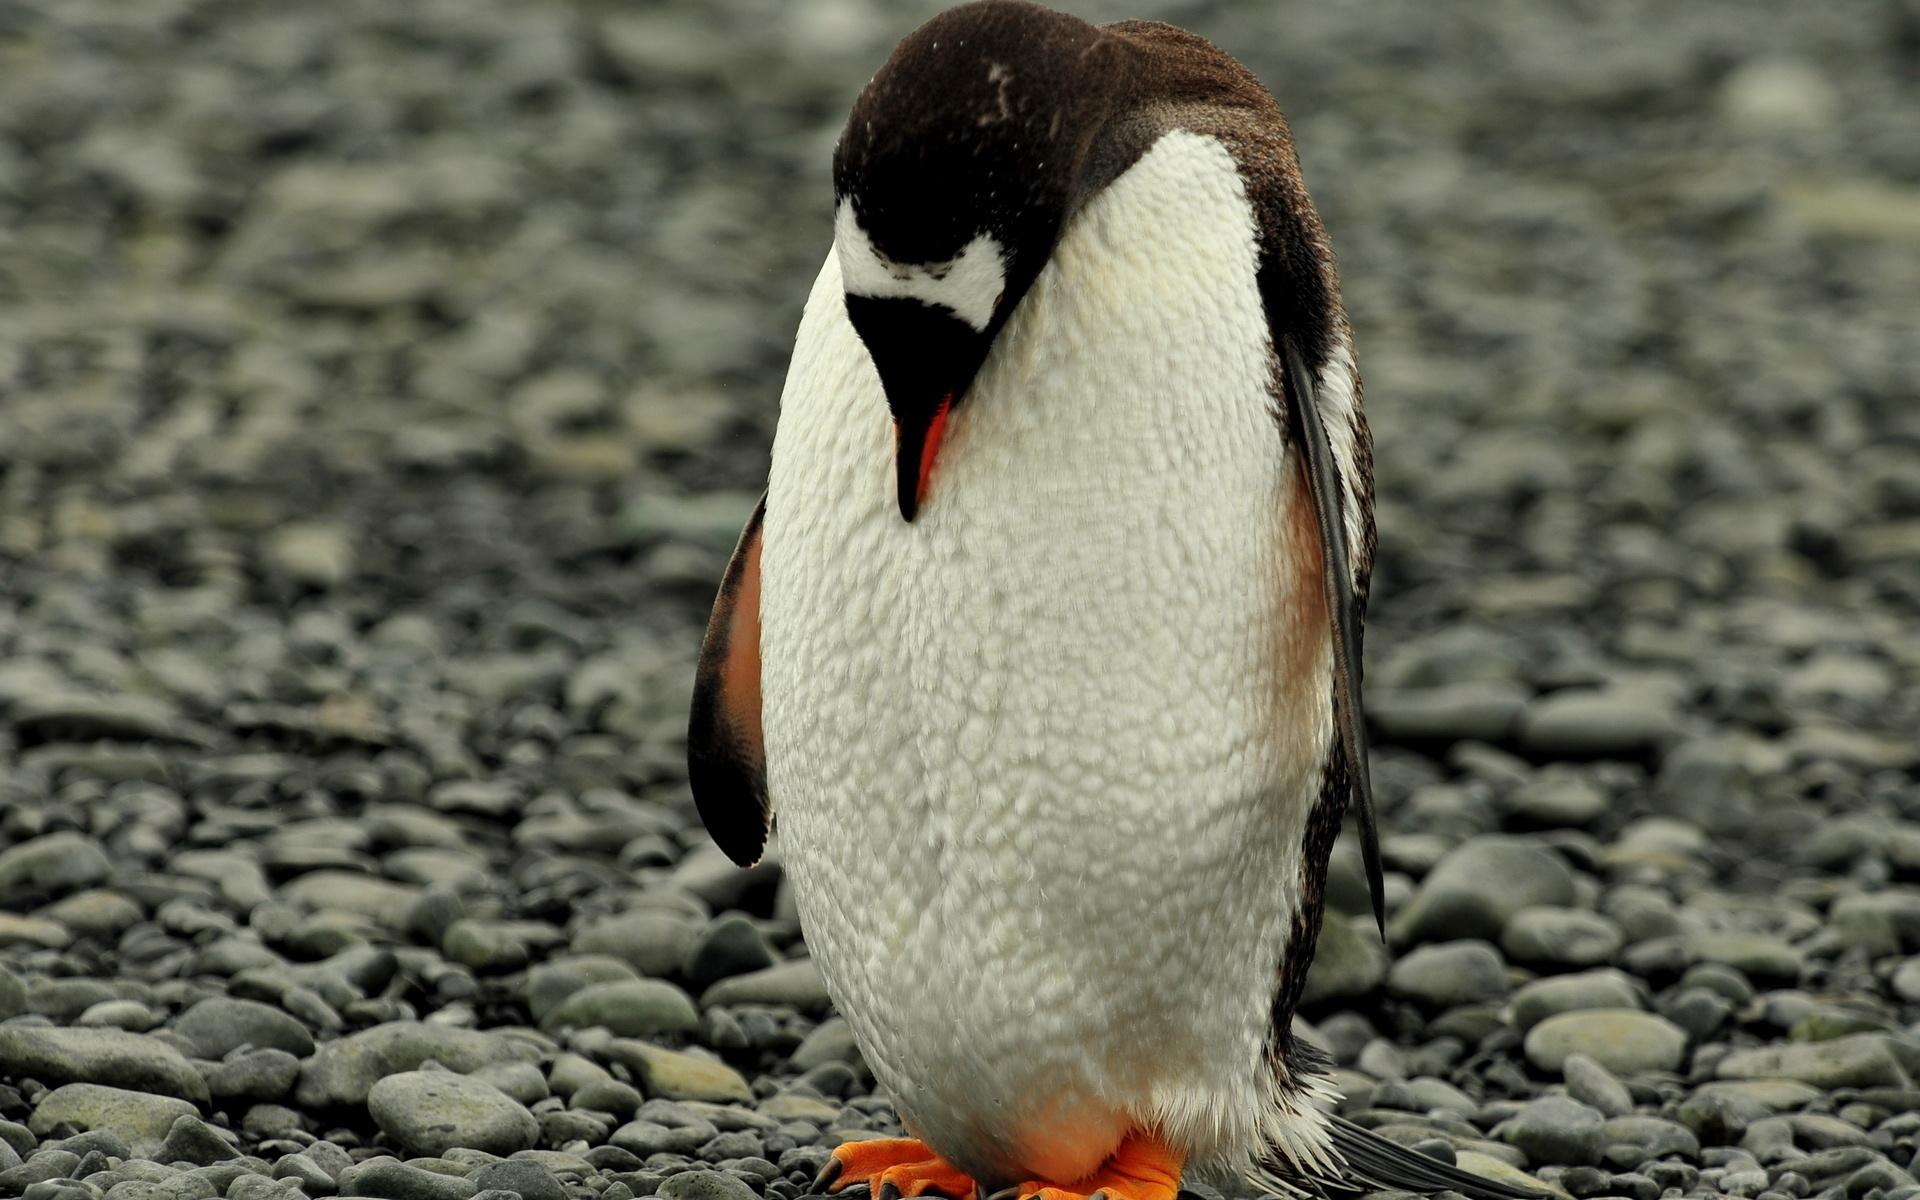 узнал грустный пингвин картинка светло-русым